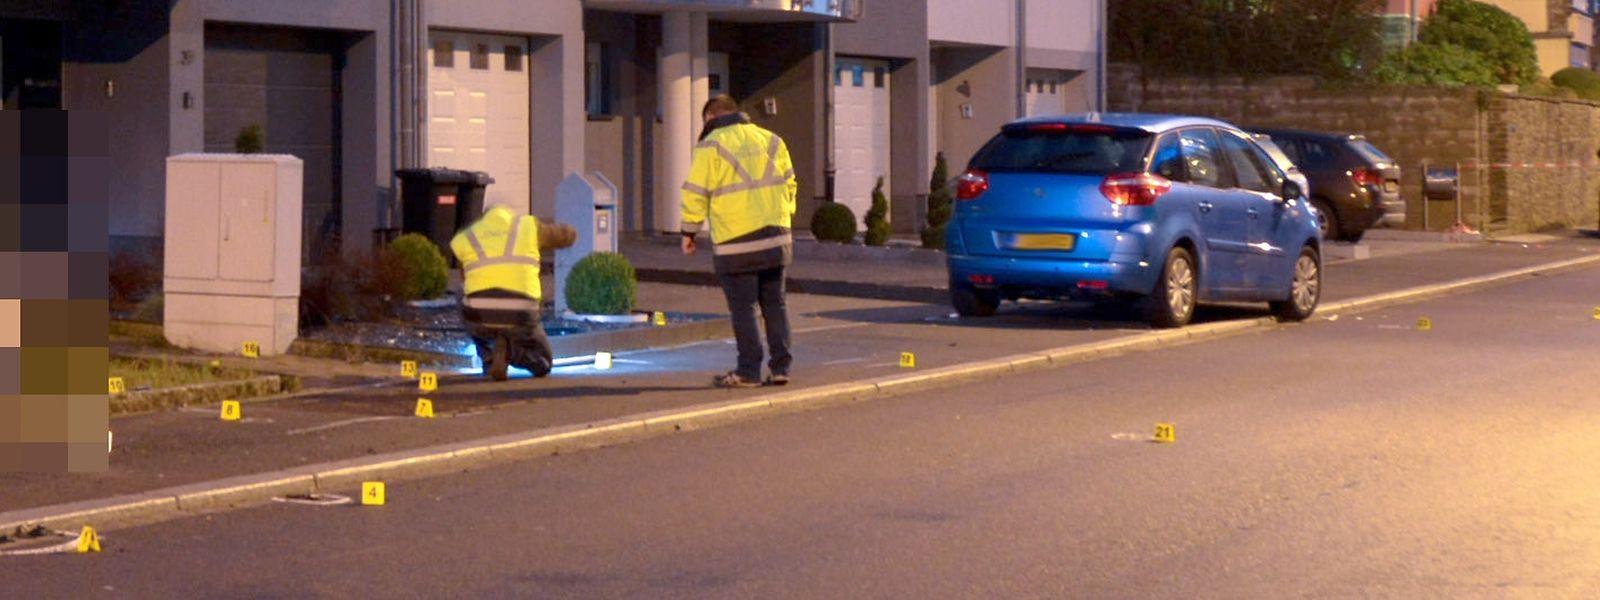 Mit diesem blauen Citroën raste der Täter e in Wiltz absichtlich in die Menschengruppe.Auf dem Bild sind Beamte des Mess- und Erkennungsdienst bei der Spurensicherung zu sehen.